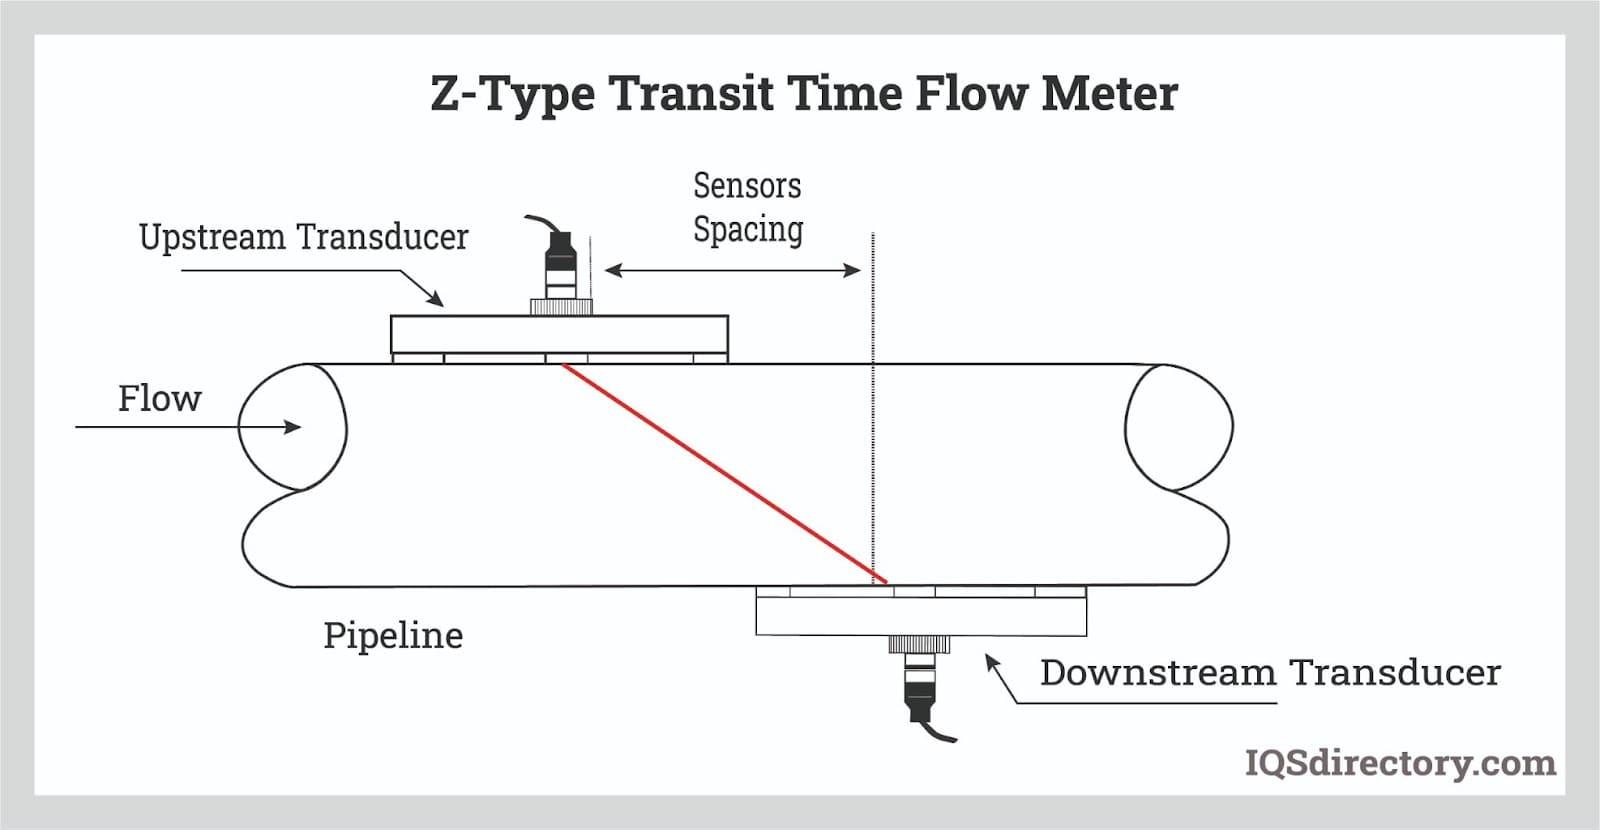 Z-Type Transit Time Flow Meter